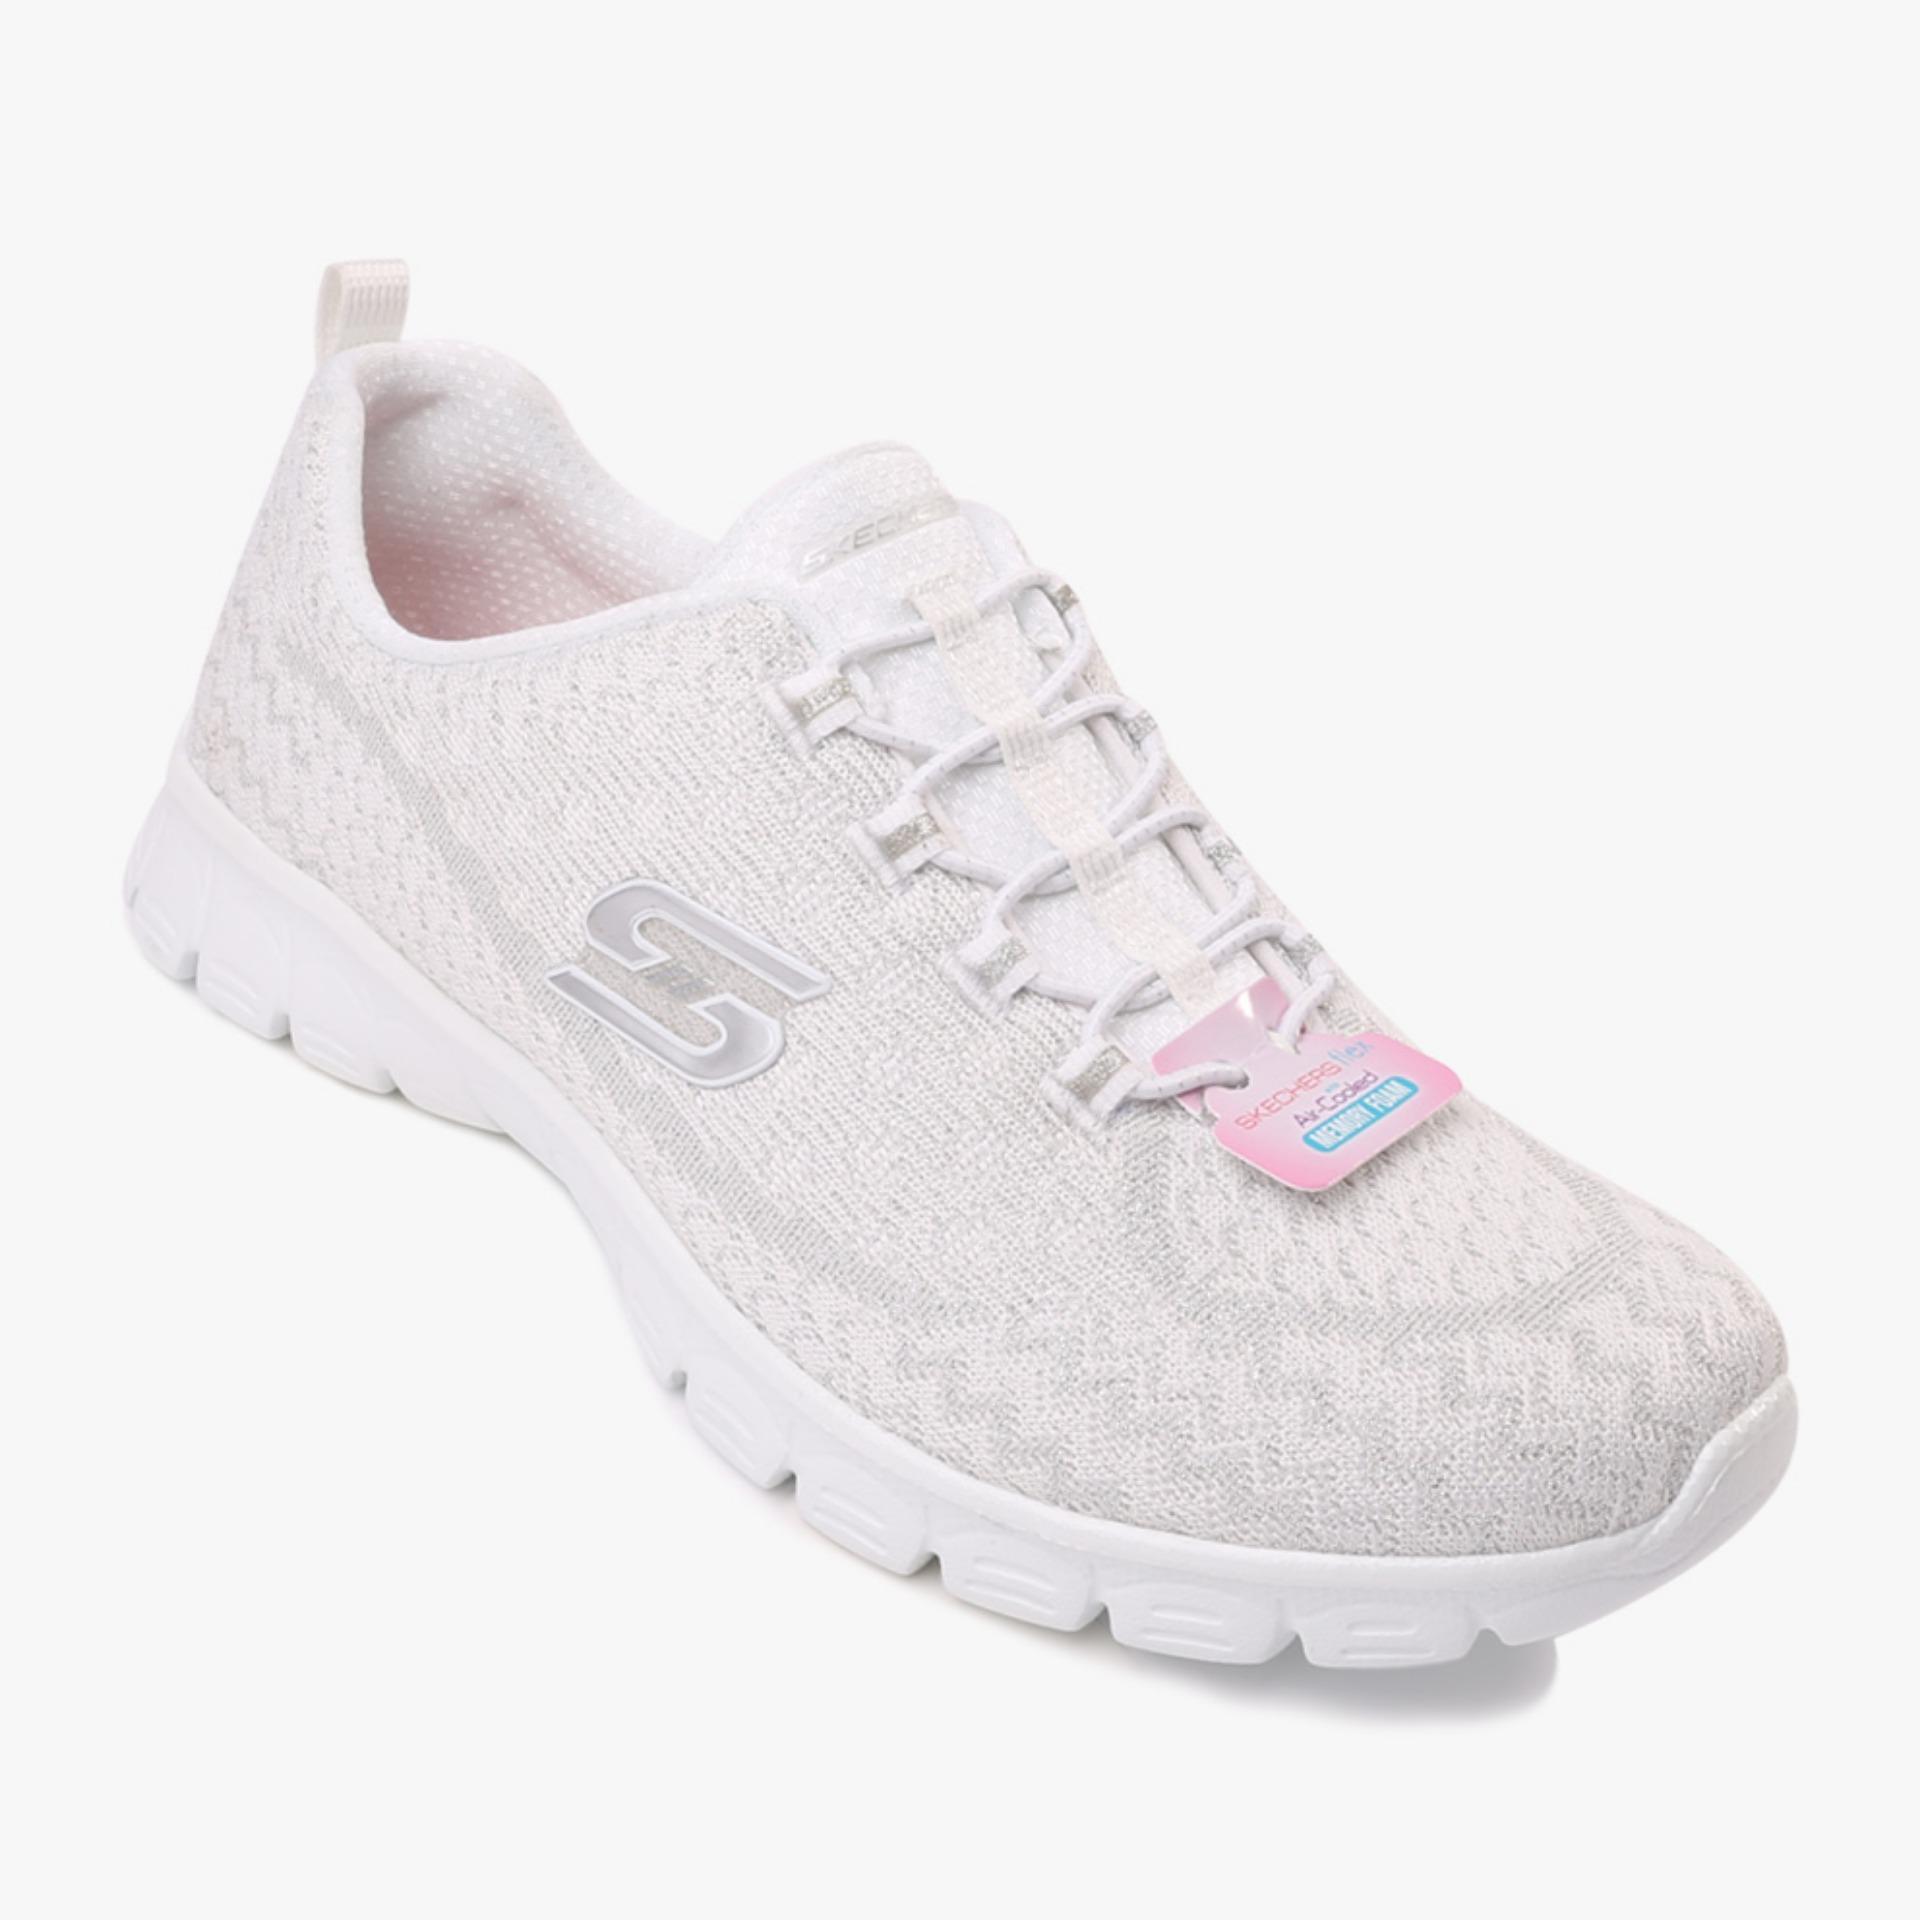 Toko Skechers Ez Flex 3 Estrella Women S Sneakers Putih Online Terpercaya